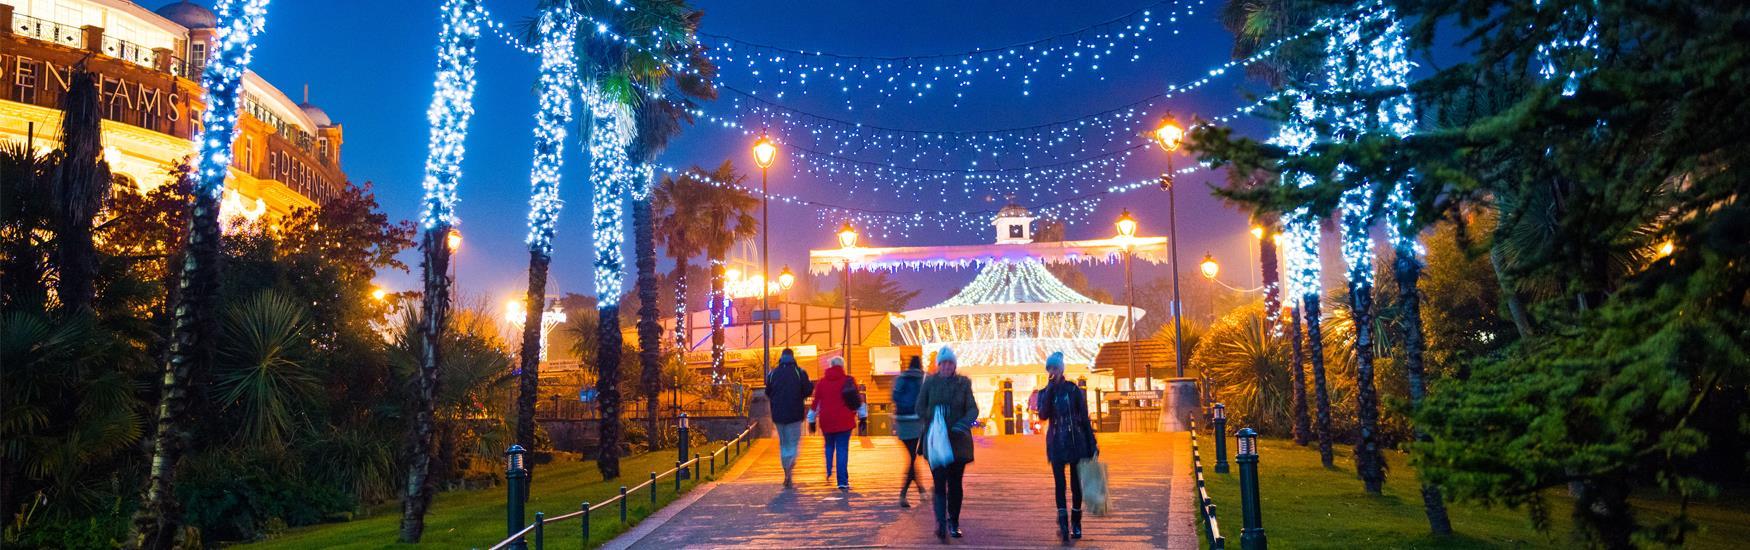 Celebrate Christmas in Bournemouth 15 Nov 2019 – 2 Jan 2020